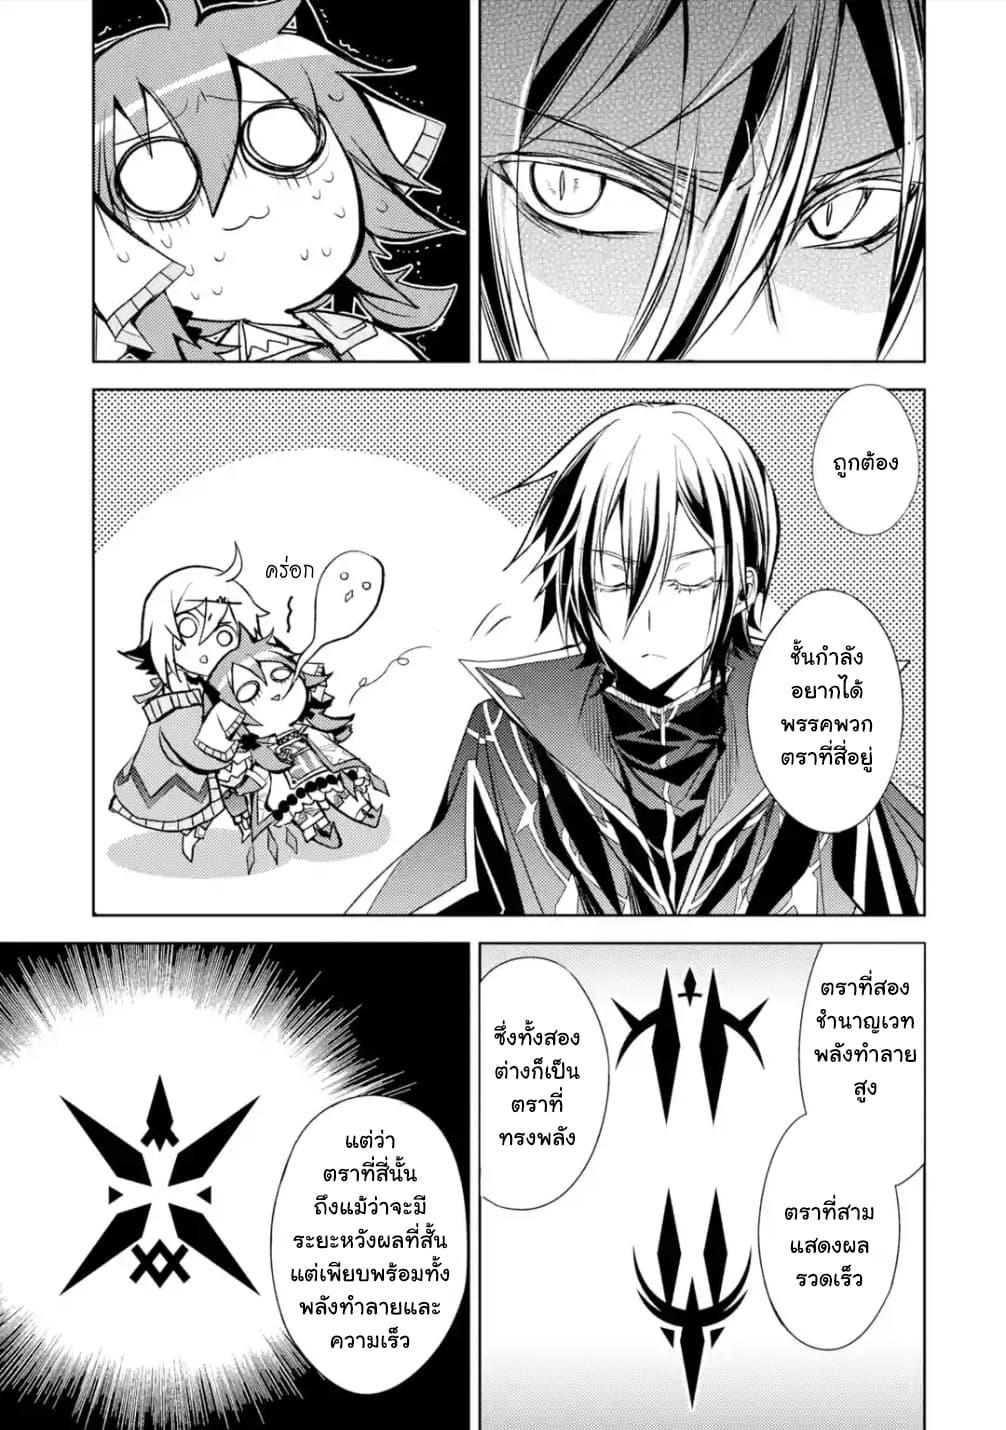 อ่านการ์ตูน Senmetsumadou no Saikyokenja ตอนที่ 4.2 หน้าที่ 5